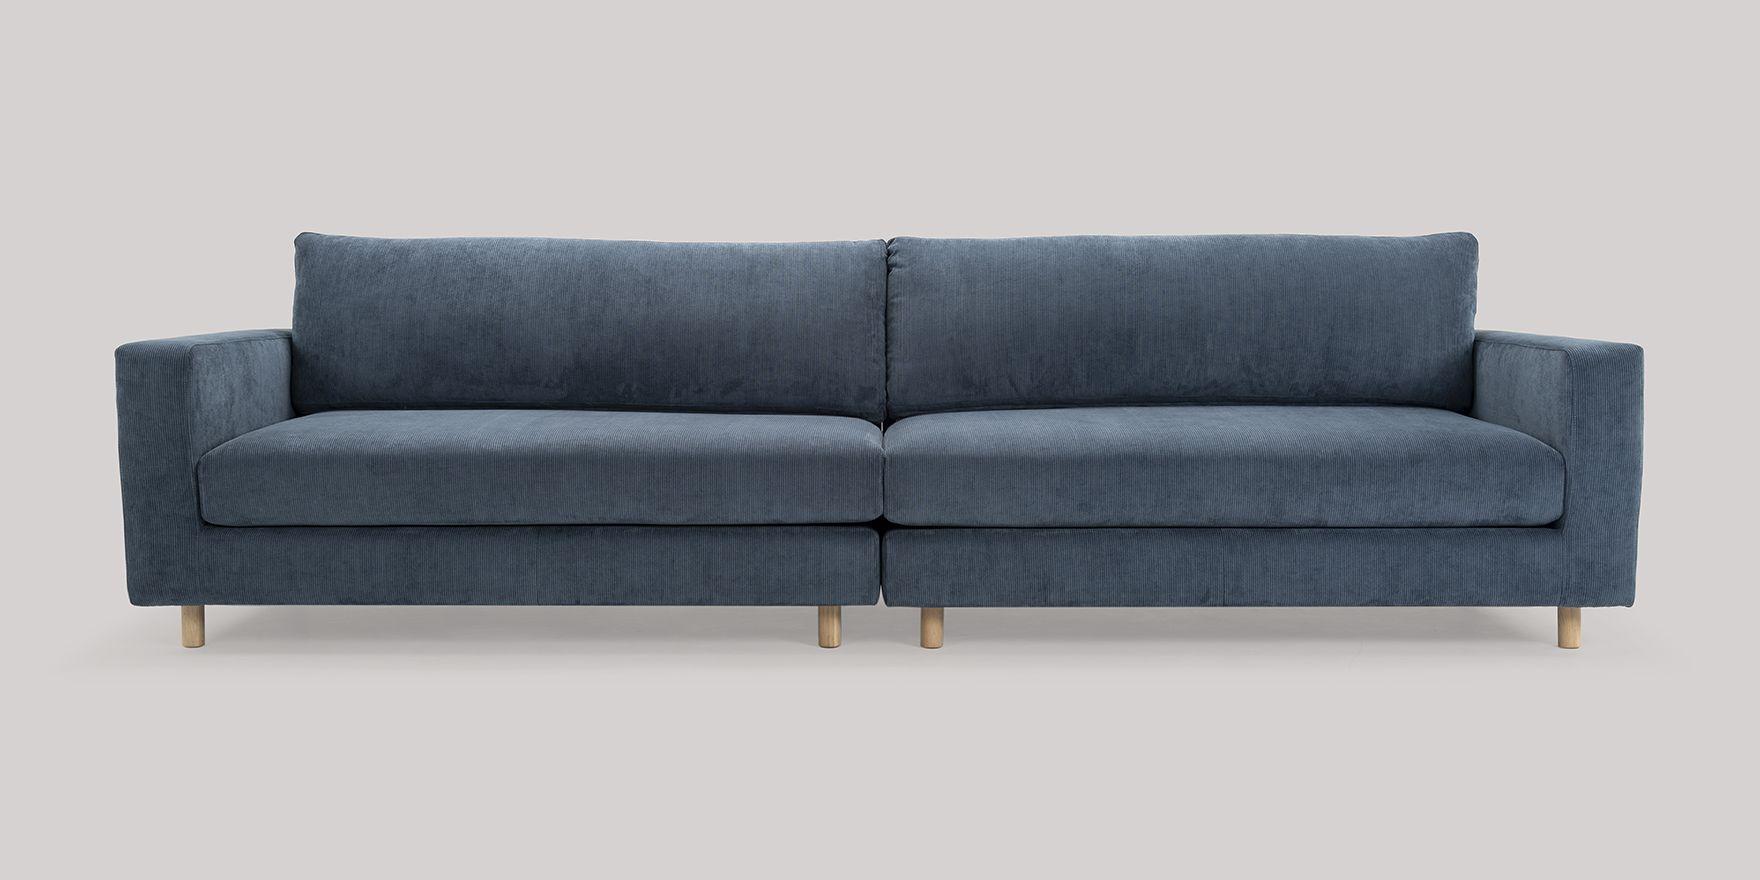 Full Size of Sofa Blau Douglas Handgemachte Qualitt Und Dnisches Sofacompany Reinigen Auf Raten Grün Hannover Für Esszimmer Schlaf Luxus Mit Abnehmbaren Bezug L Form Sofa Sofa Blau